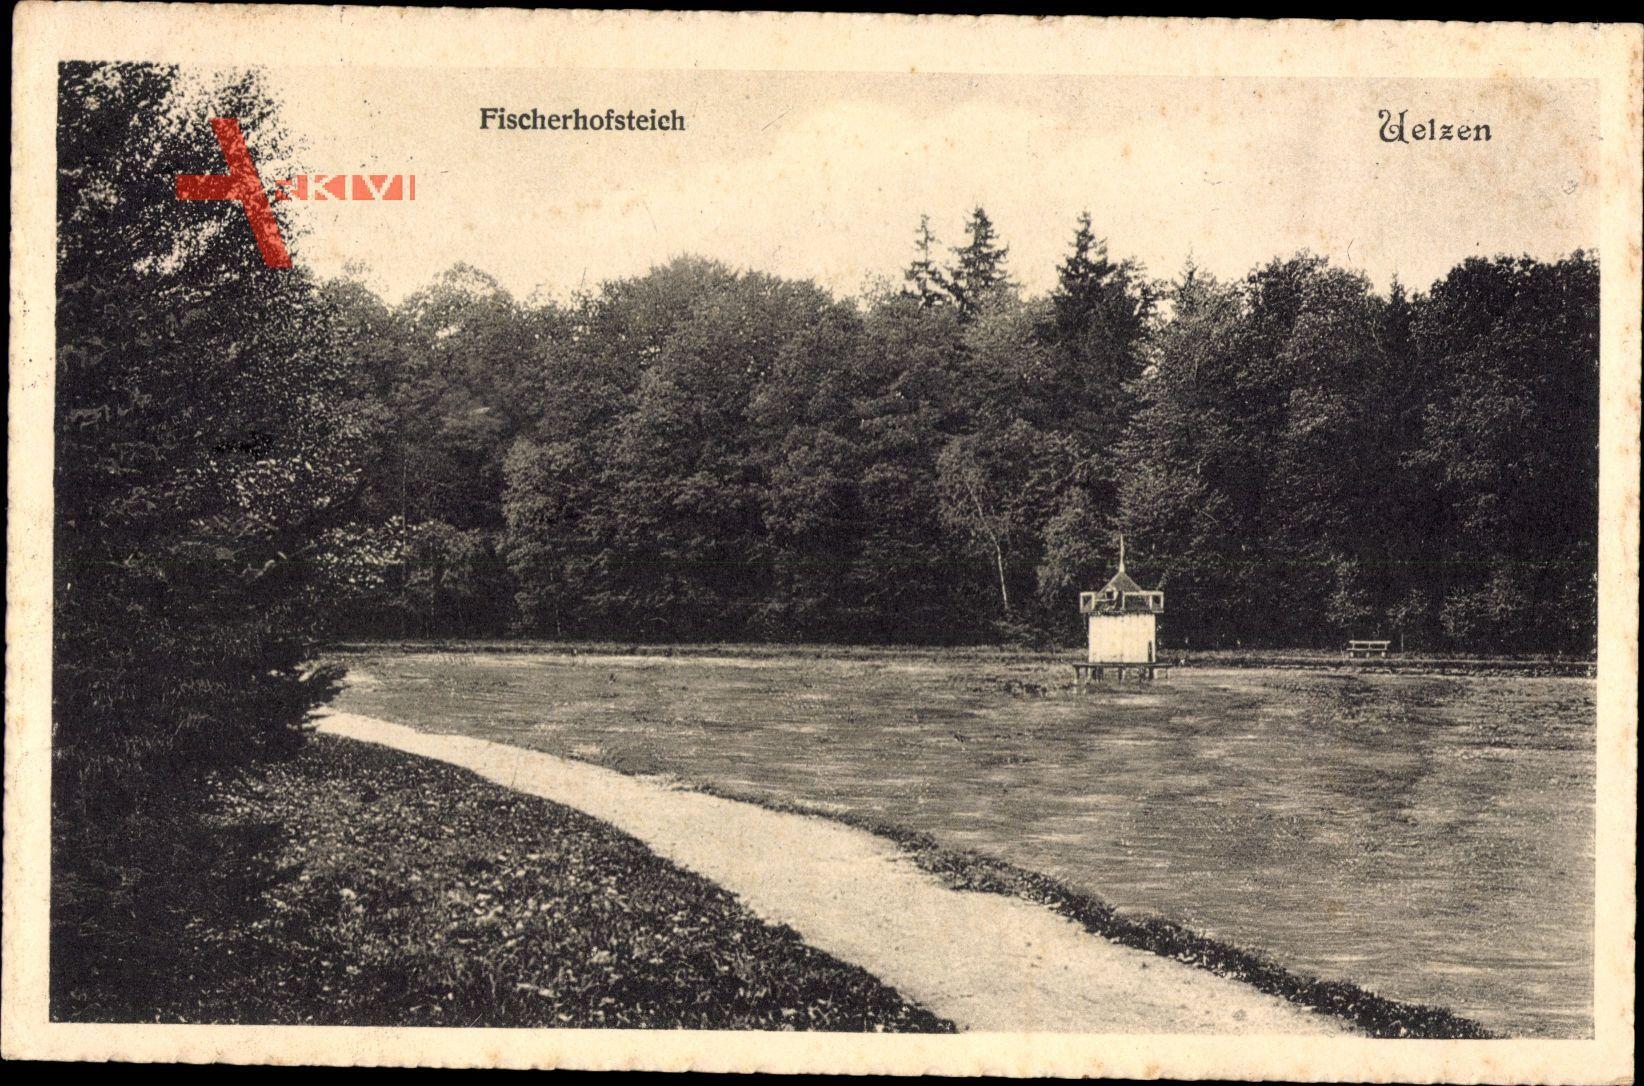 Uelzen in Niedersachsen, Blick auf den Fischerhofsteich